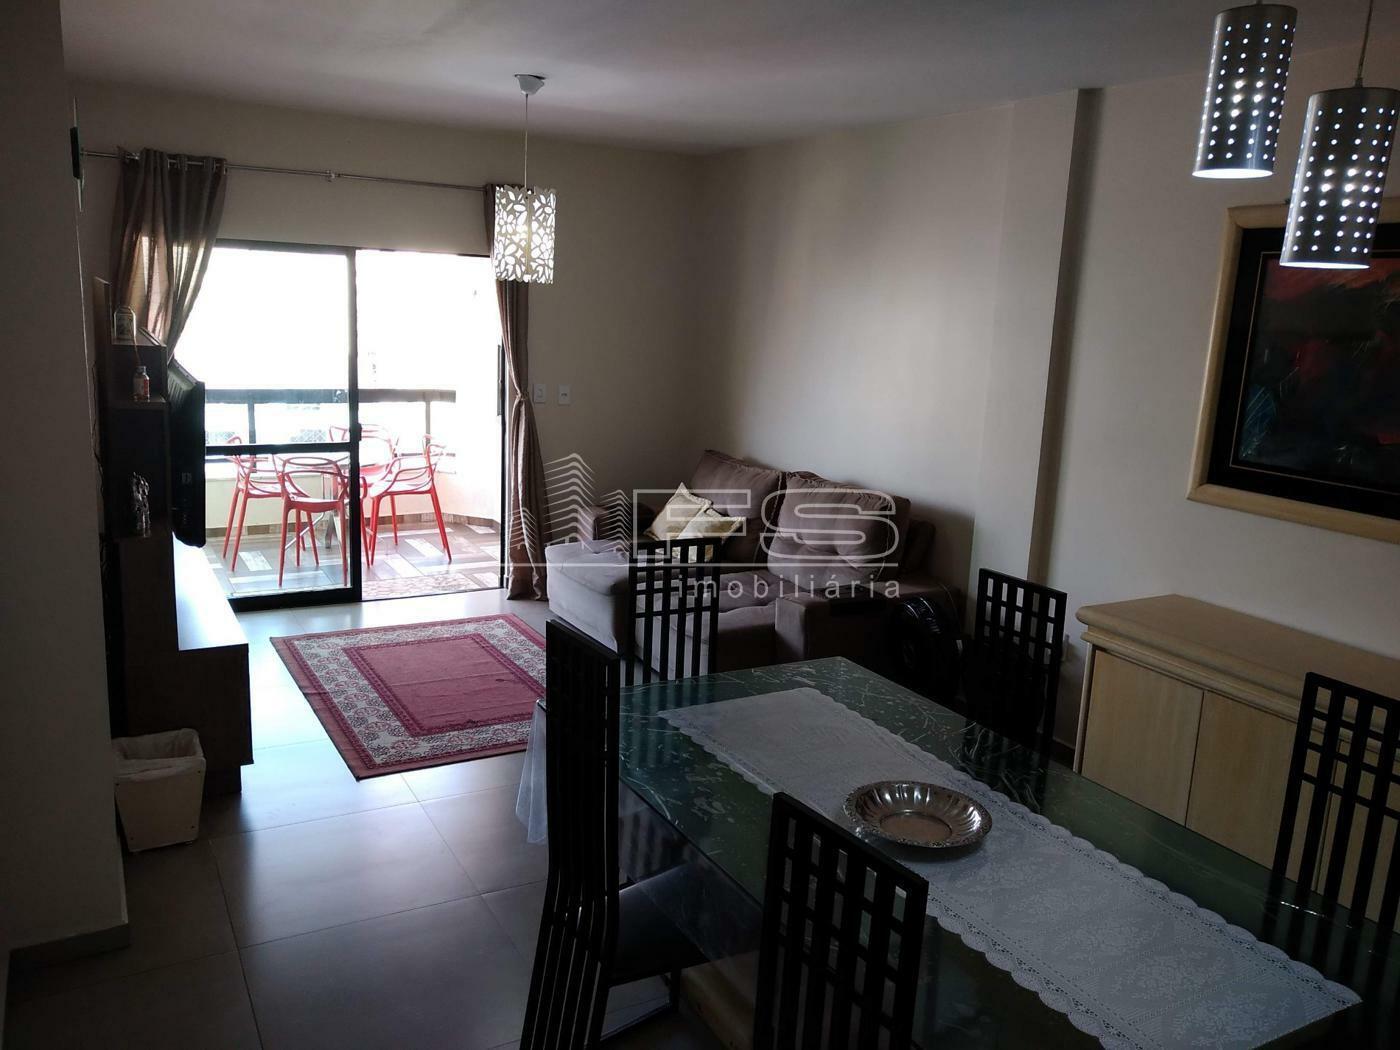 Apartamento com 3 Dormitórios à venda, 110 m² por R$ 700.000,00